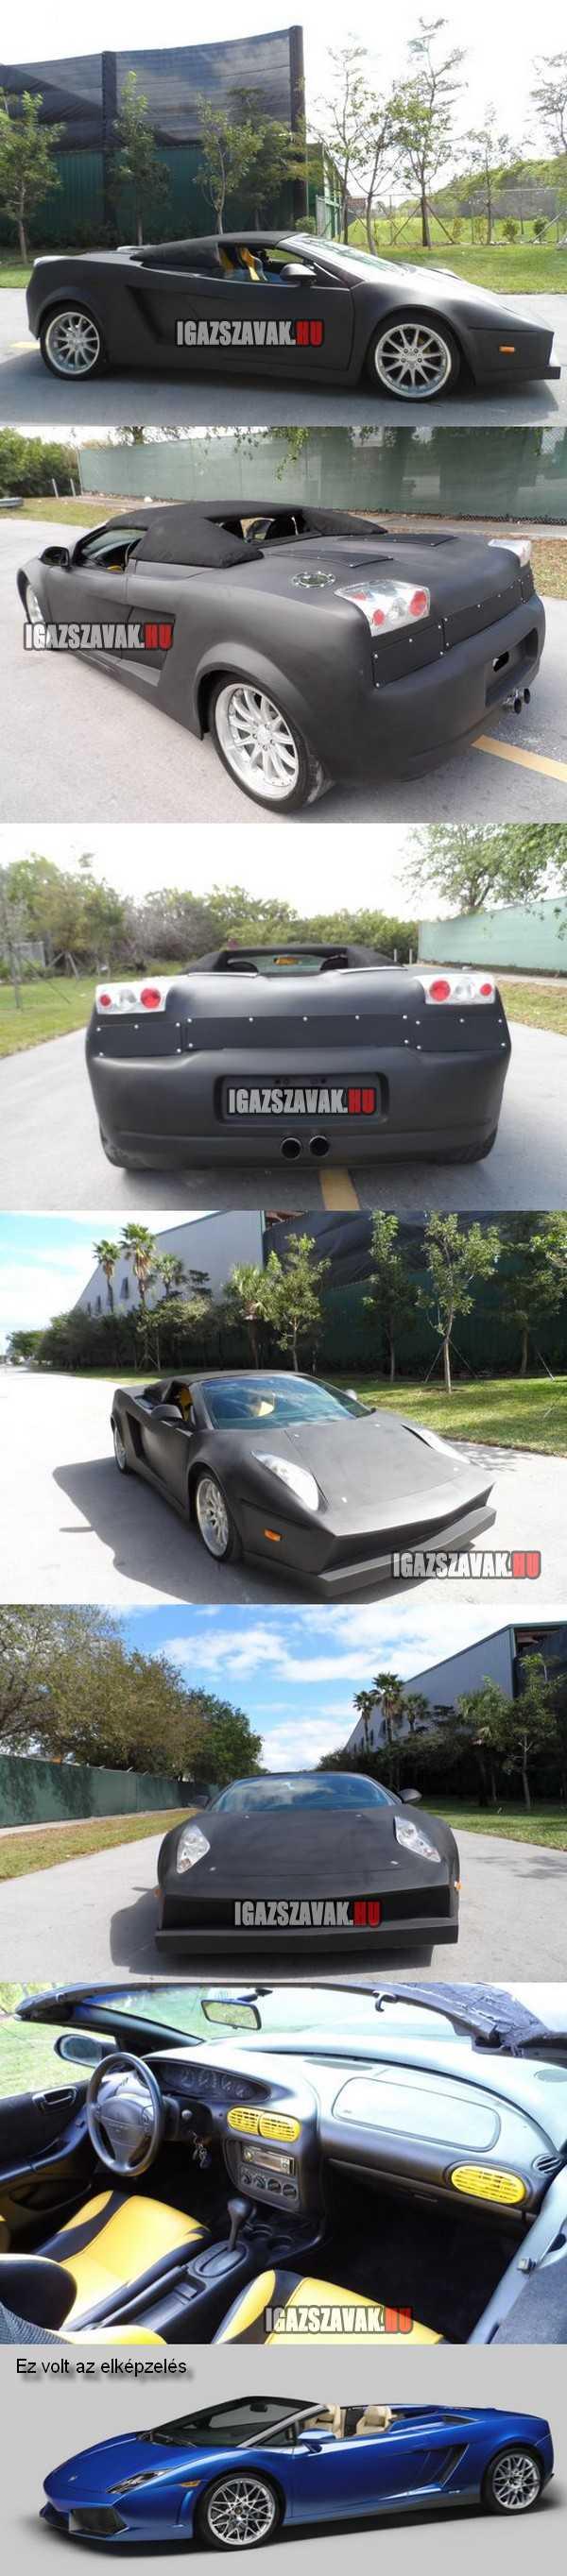 Lamborghini Gallardo replica Dodge alapon, házi készítés